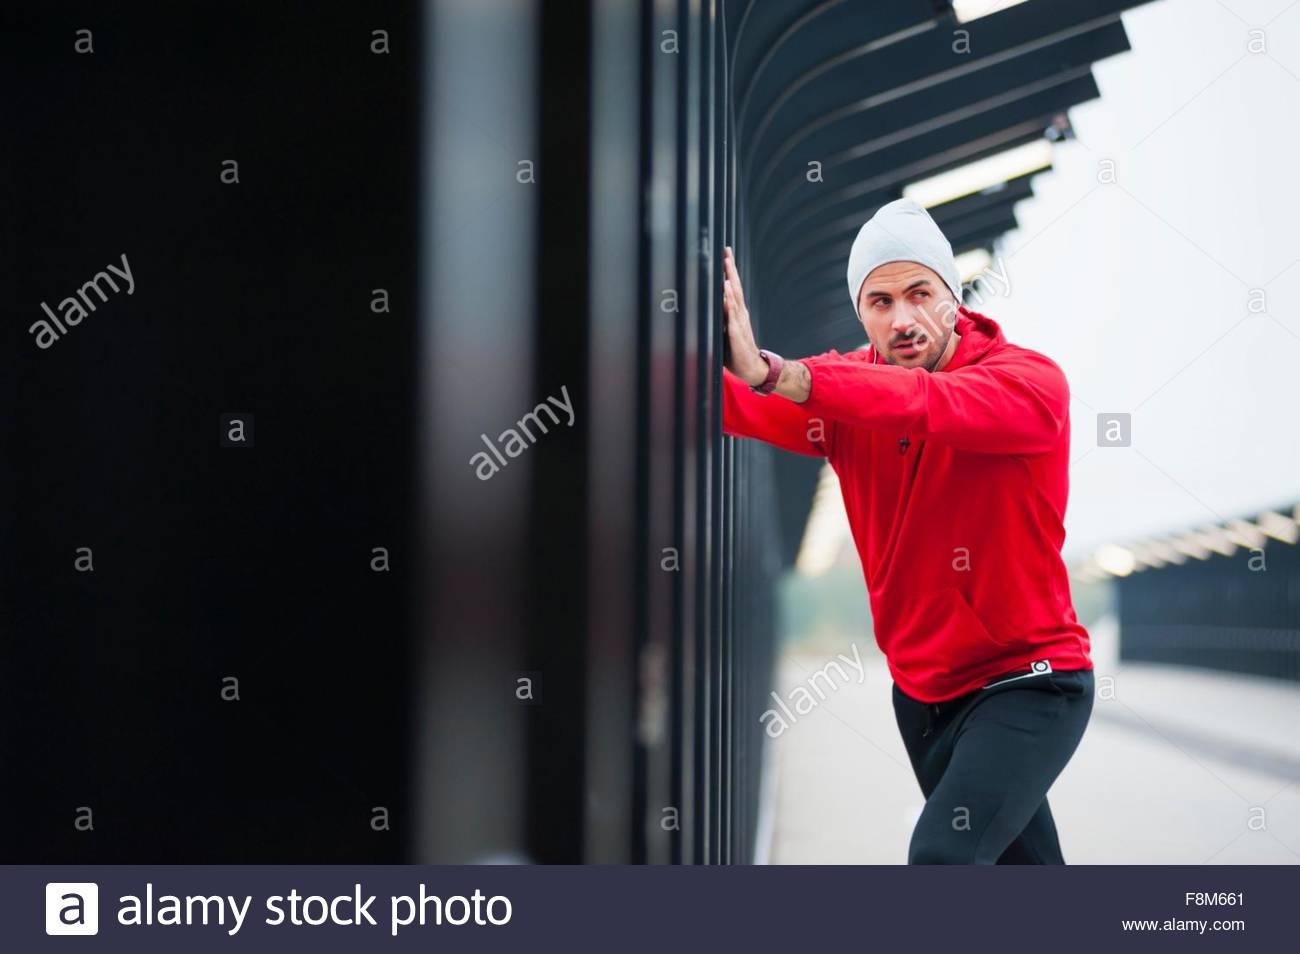 Junger Mann dabei körperliche Push Training auf Stadt-Steg Stockbild